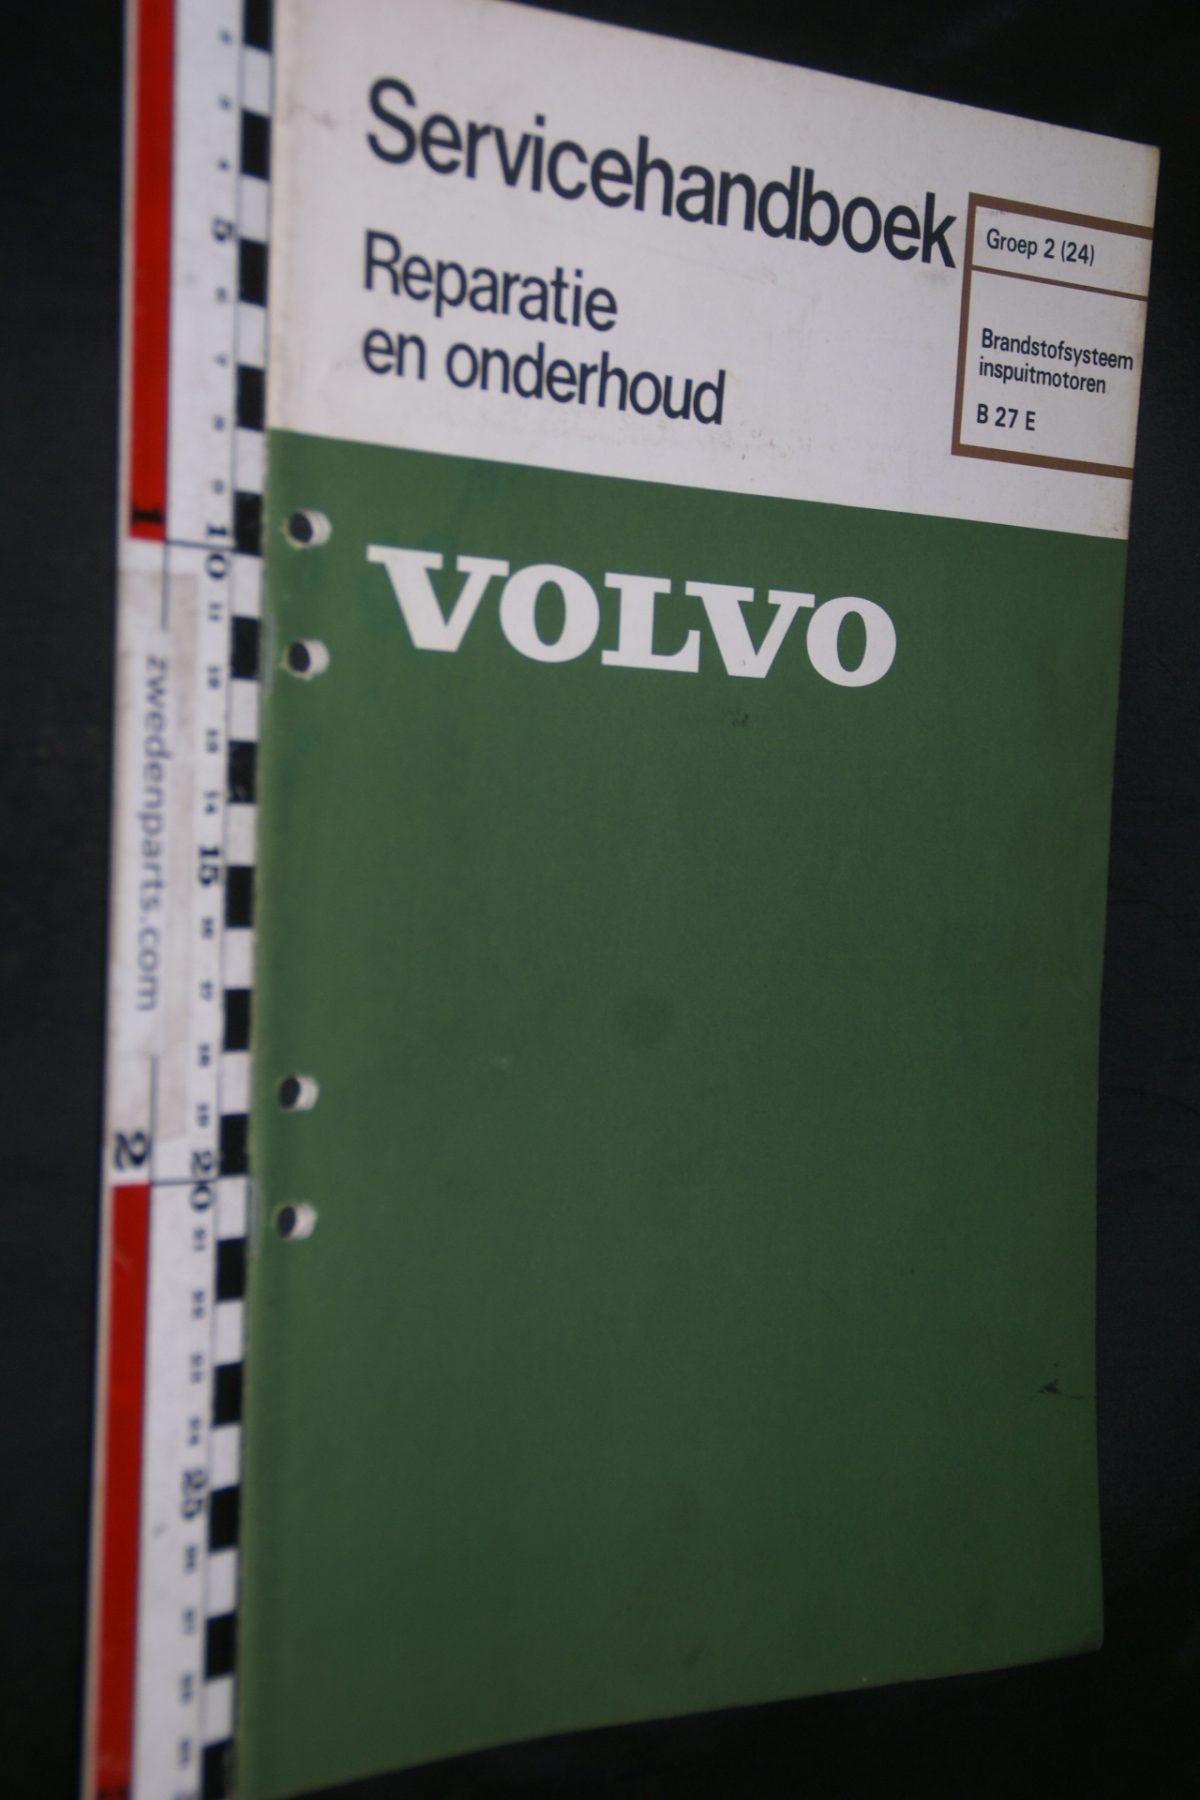 DSC06764 1977 origineel Volvo B27, 260 servicehandboek 2 (24) brandstofsysteem inj motoren 1 van 750 TP 11547-1